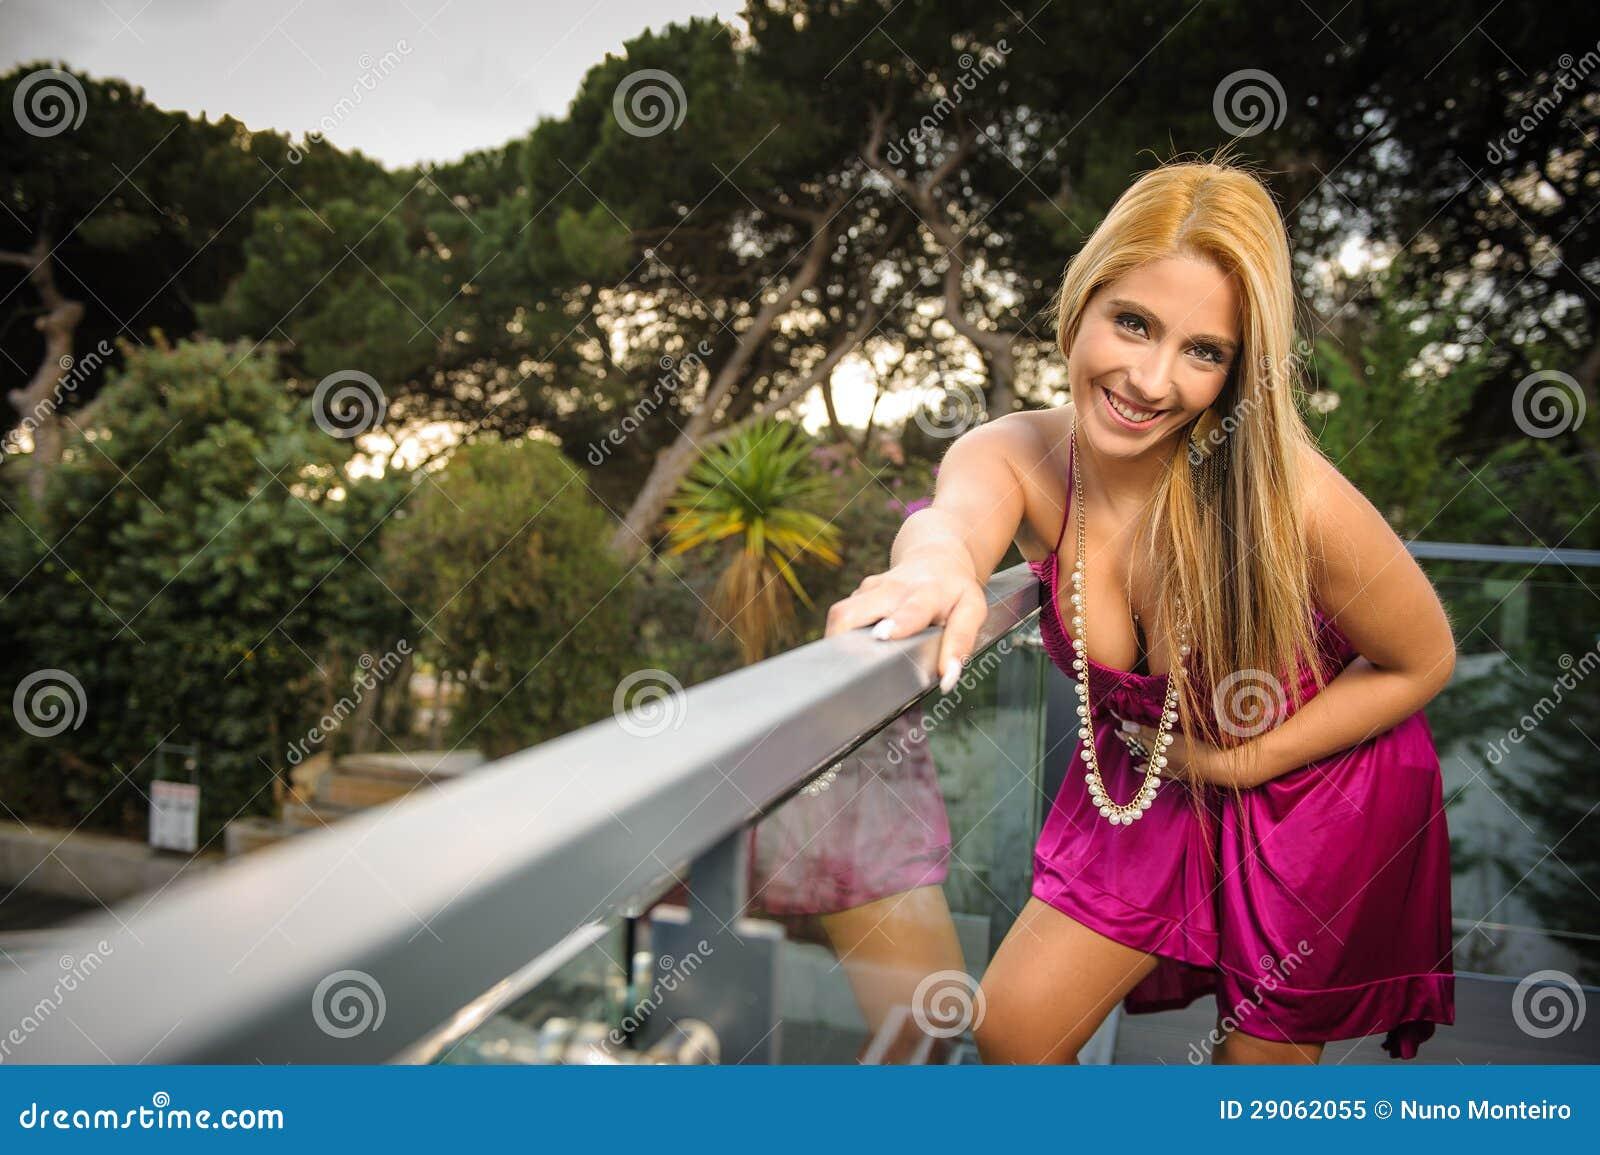 c6f52d840e5f Όμορφη προκλητική ξανθή γυναίκα στο μπαλκόνι στο ηλιοβασίλεμα. Περισσότερες  παρόμοιες στοκ εικόνες